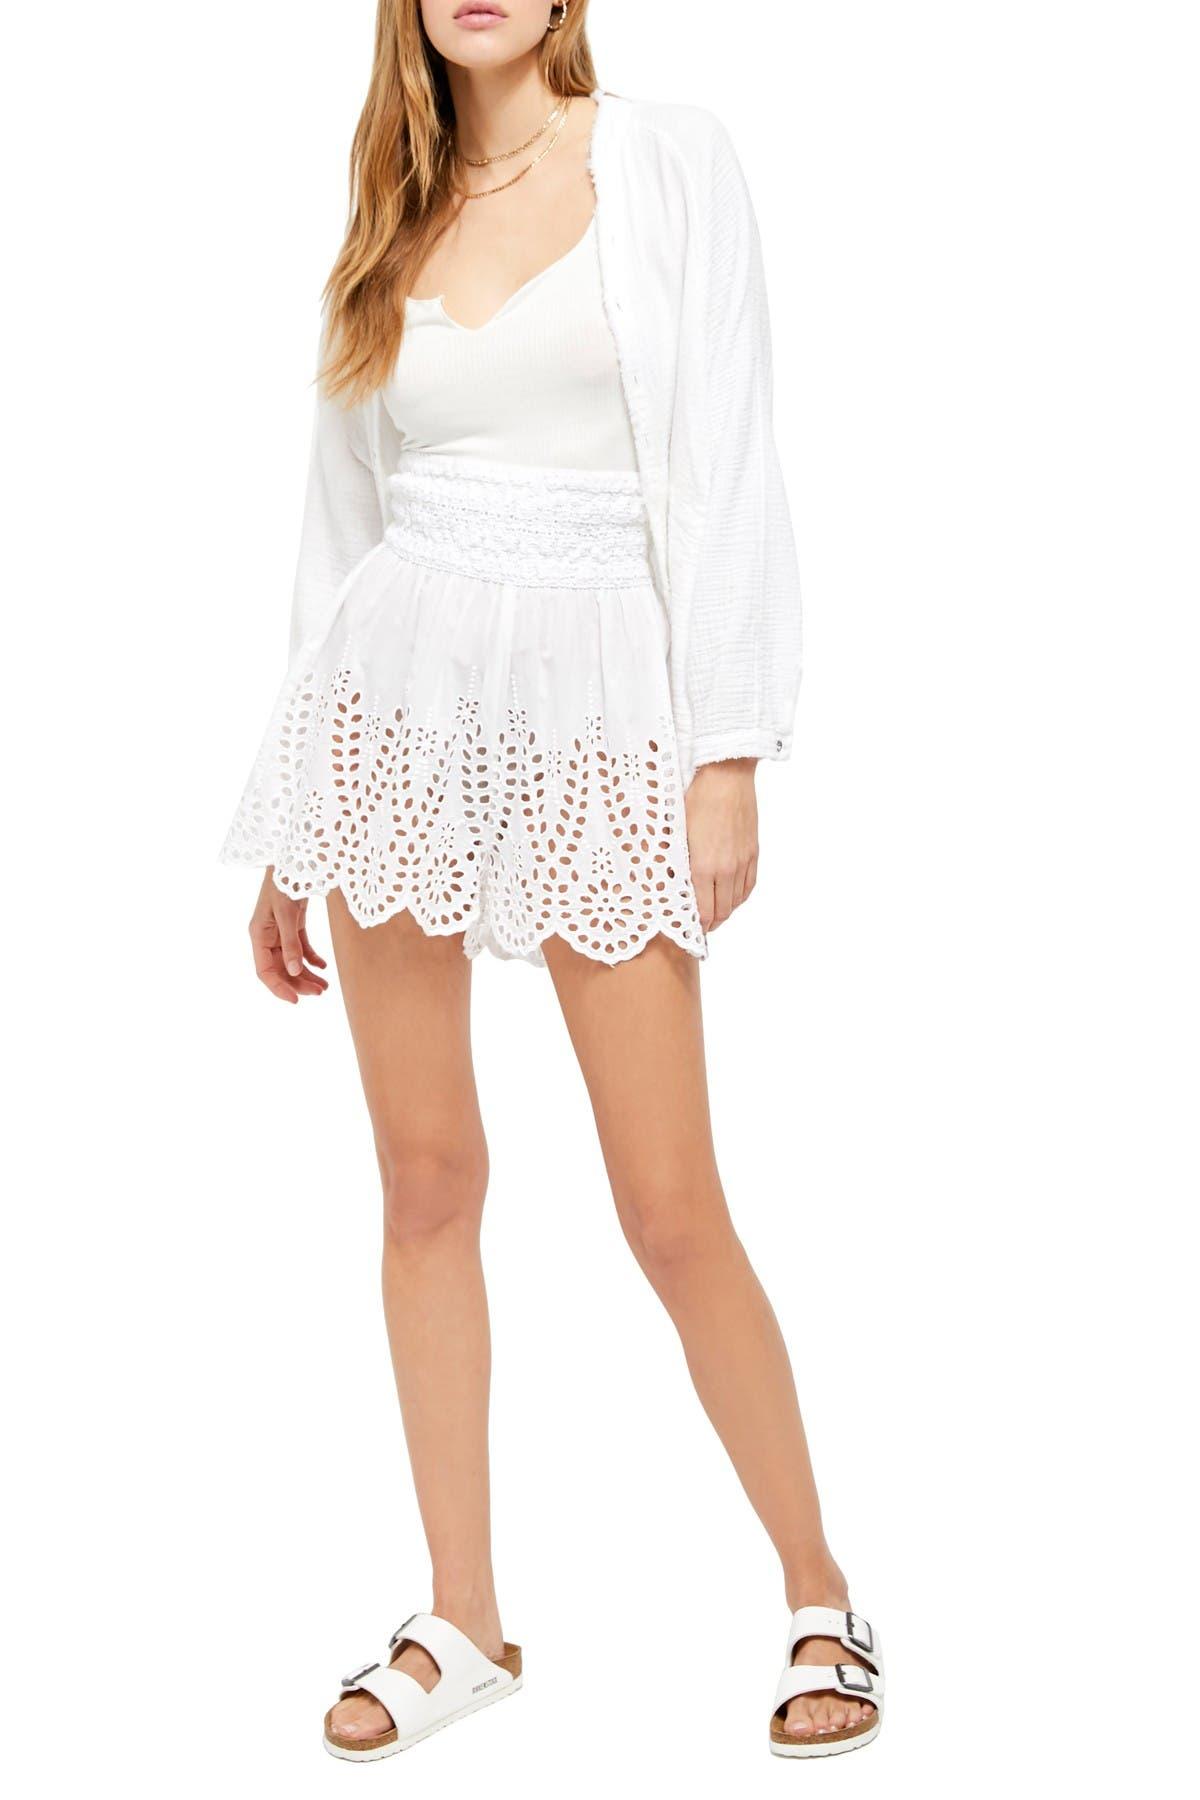 Image of Free People Elena High Waisted Eyelet Shorts